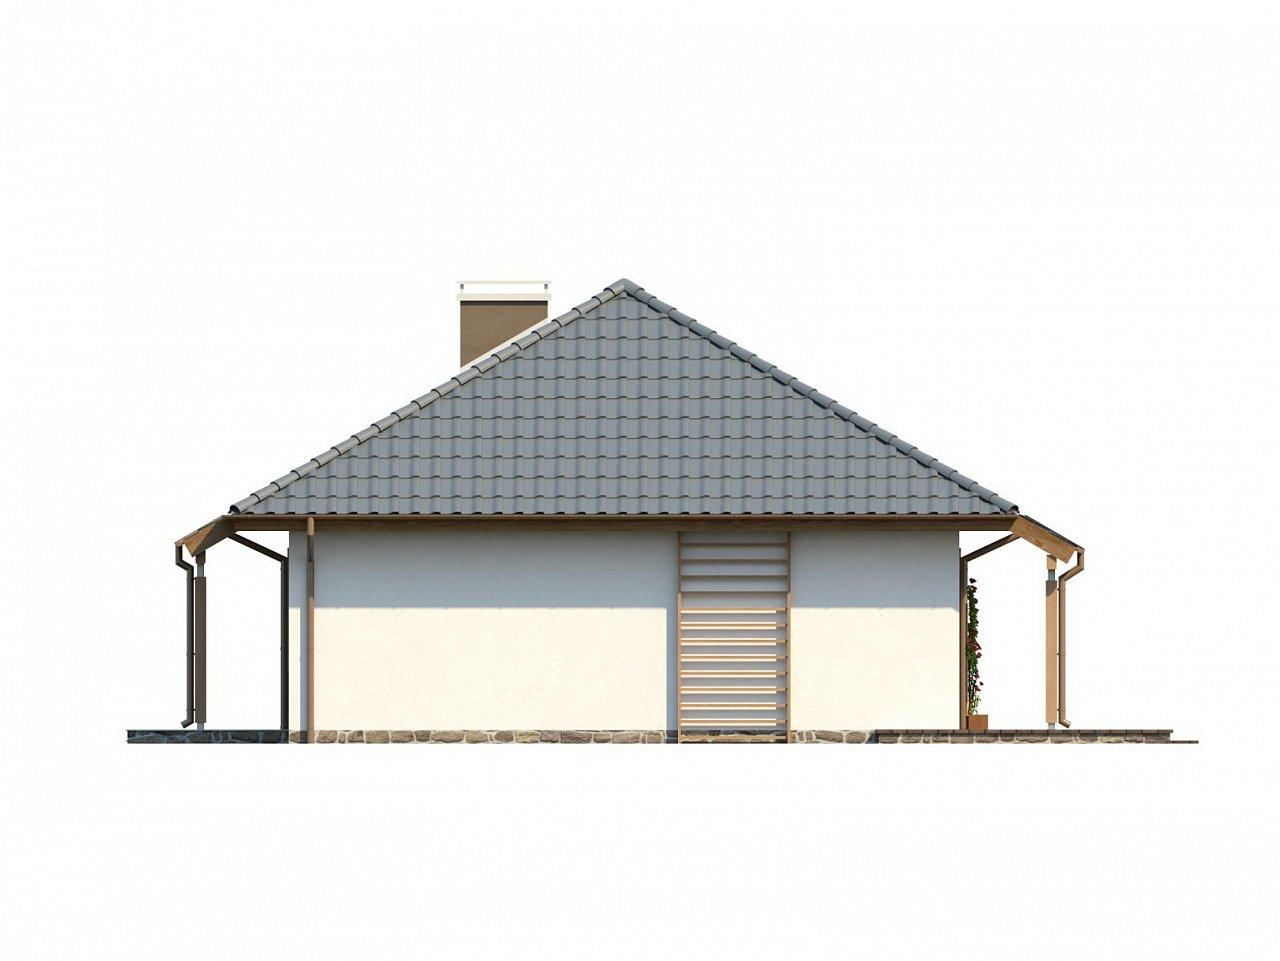 Проект одноэтажного классического дома адаптированного для каркасной технологии строительства. - фото 16